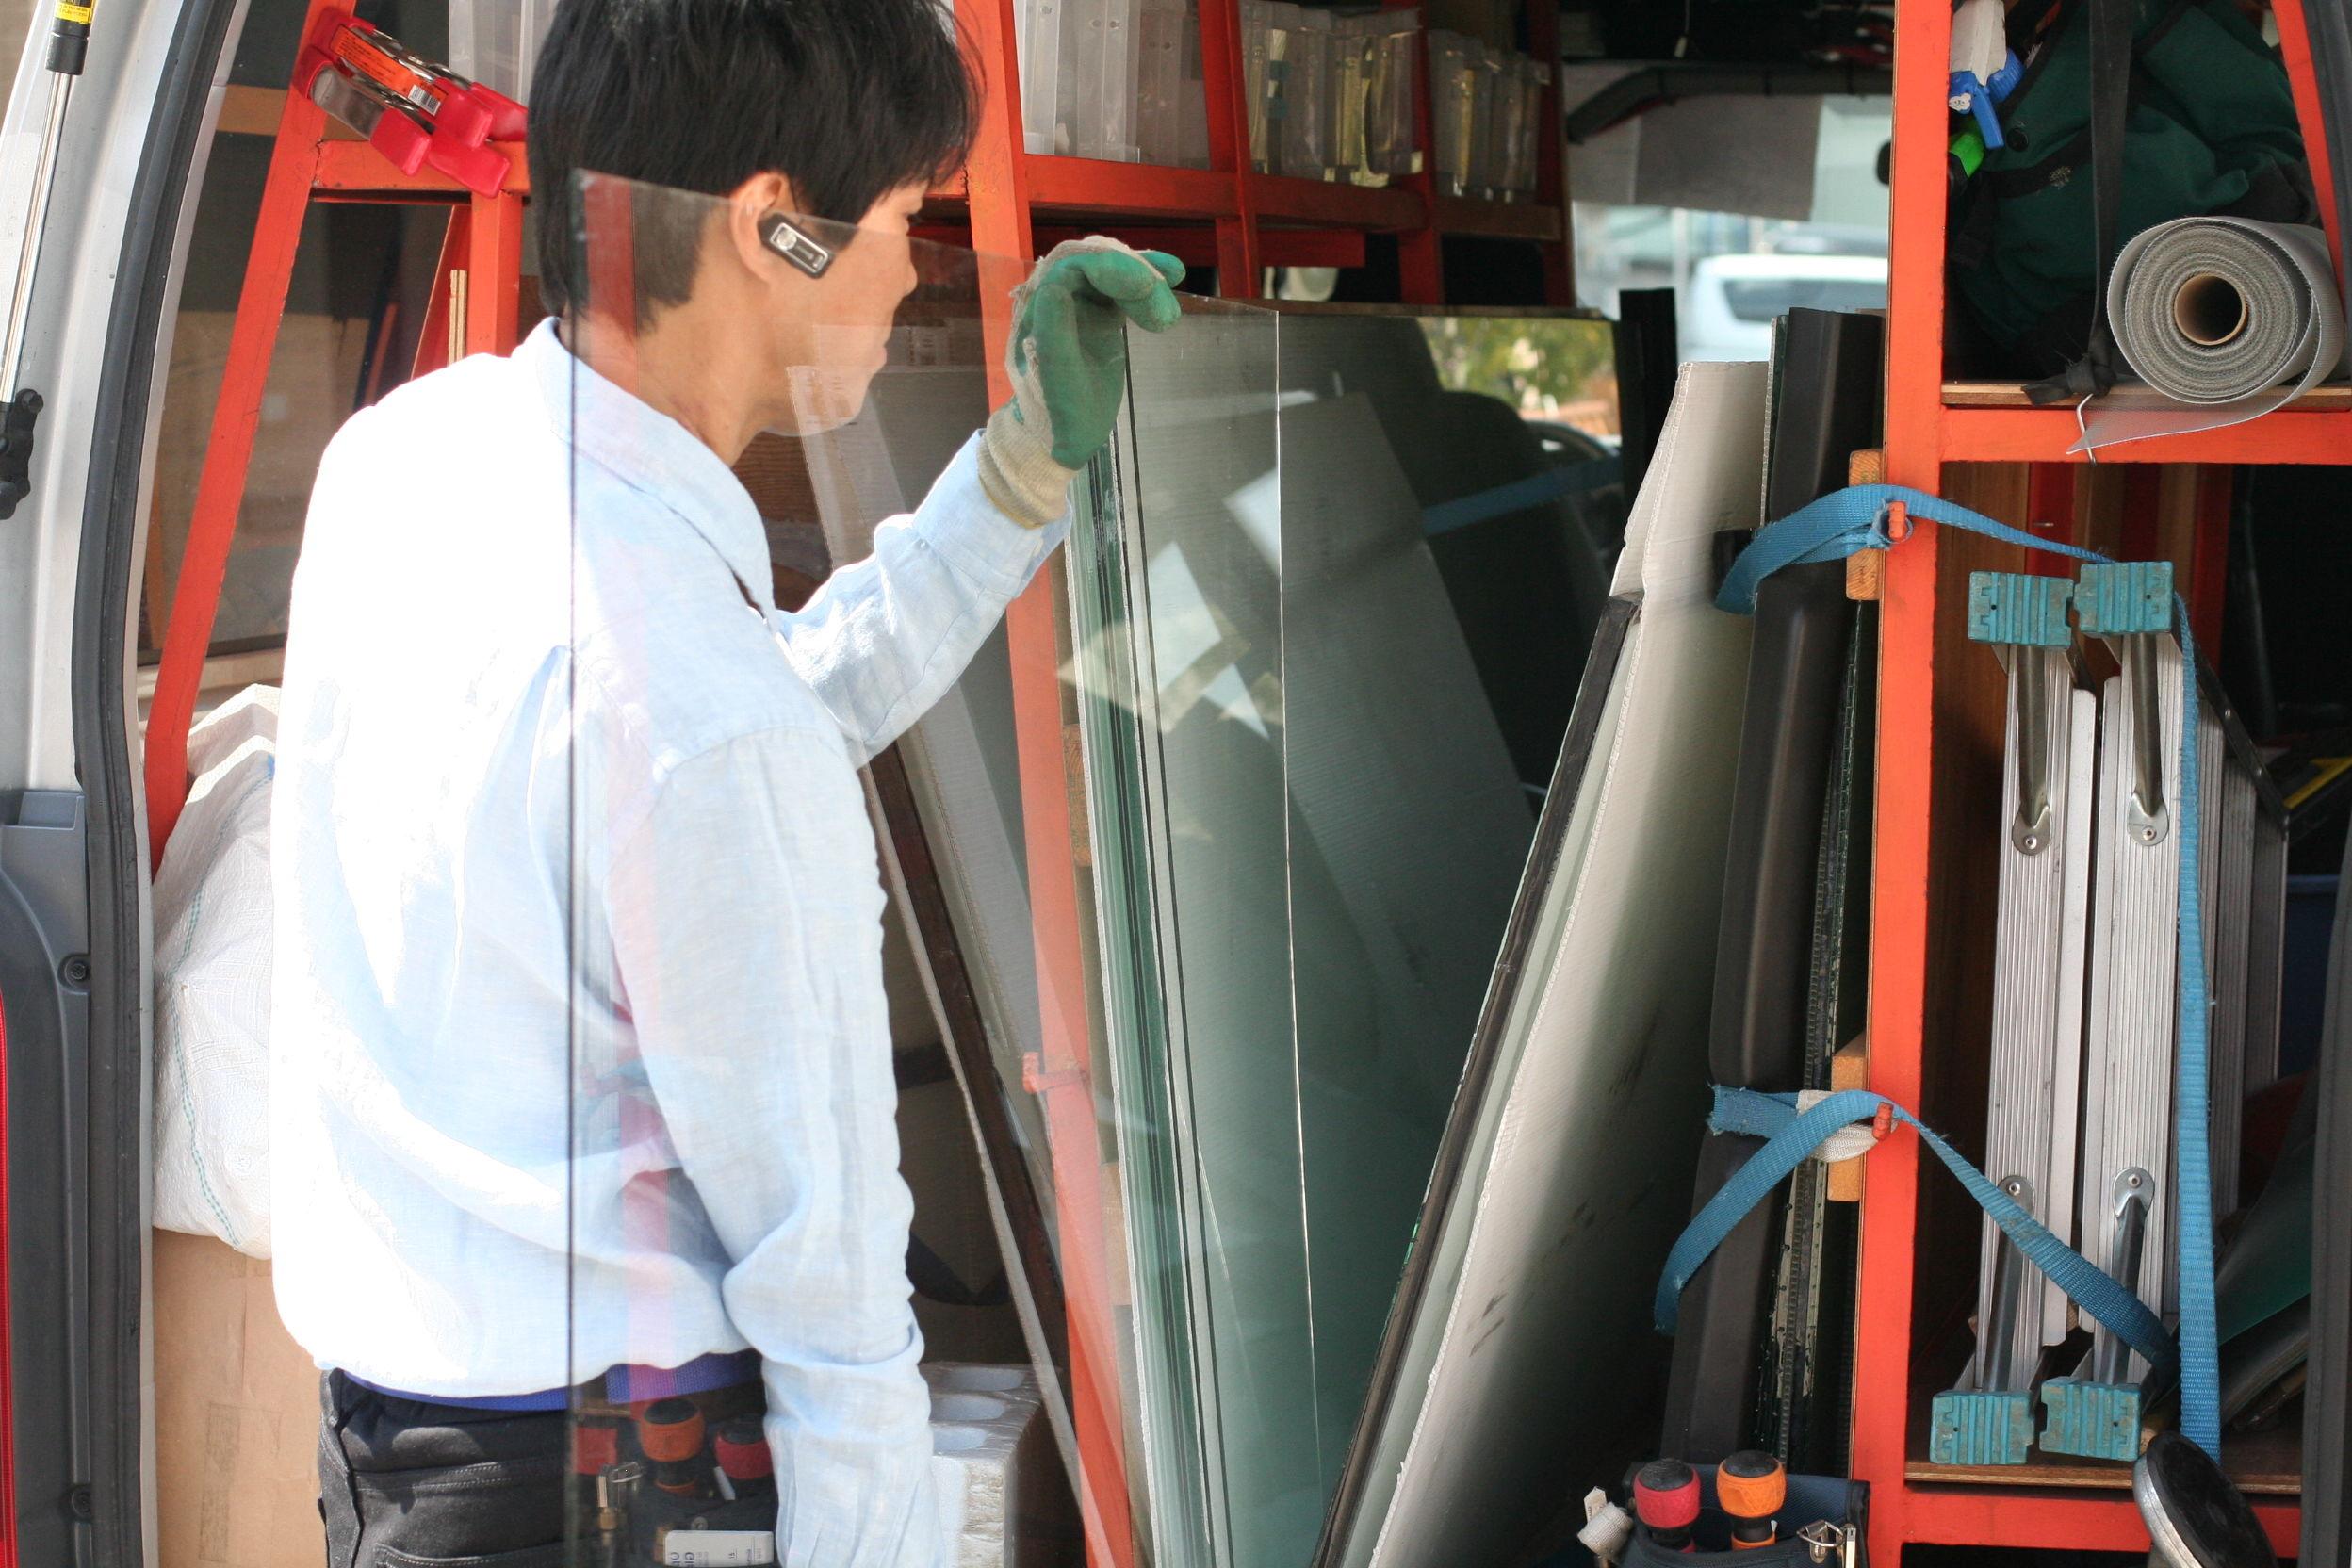 ガラスのトラブル救Q隊.24【大阪市西区 出張エリア】のメイン画像